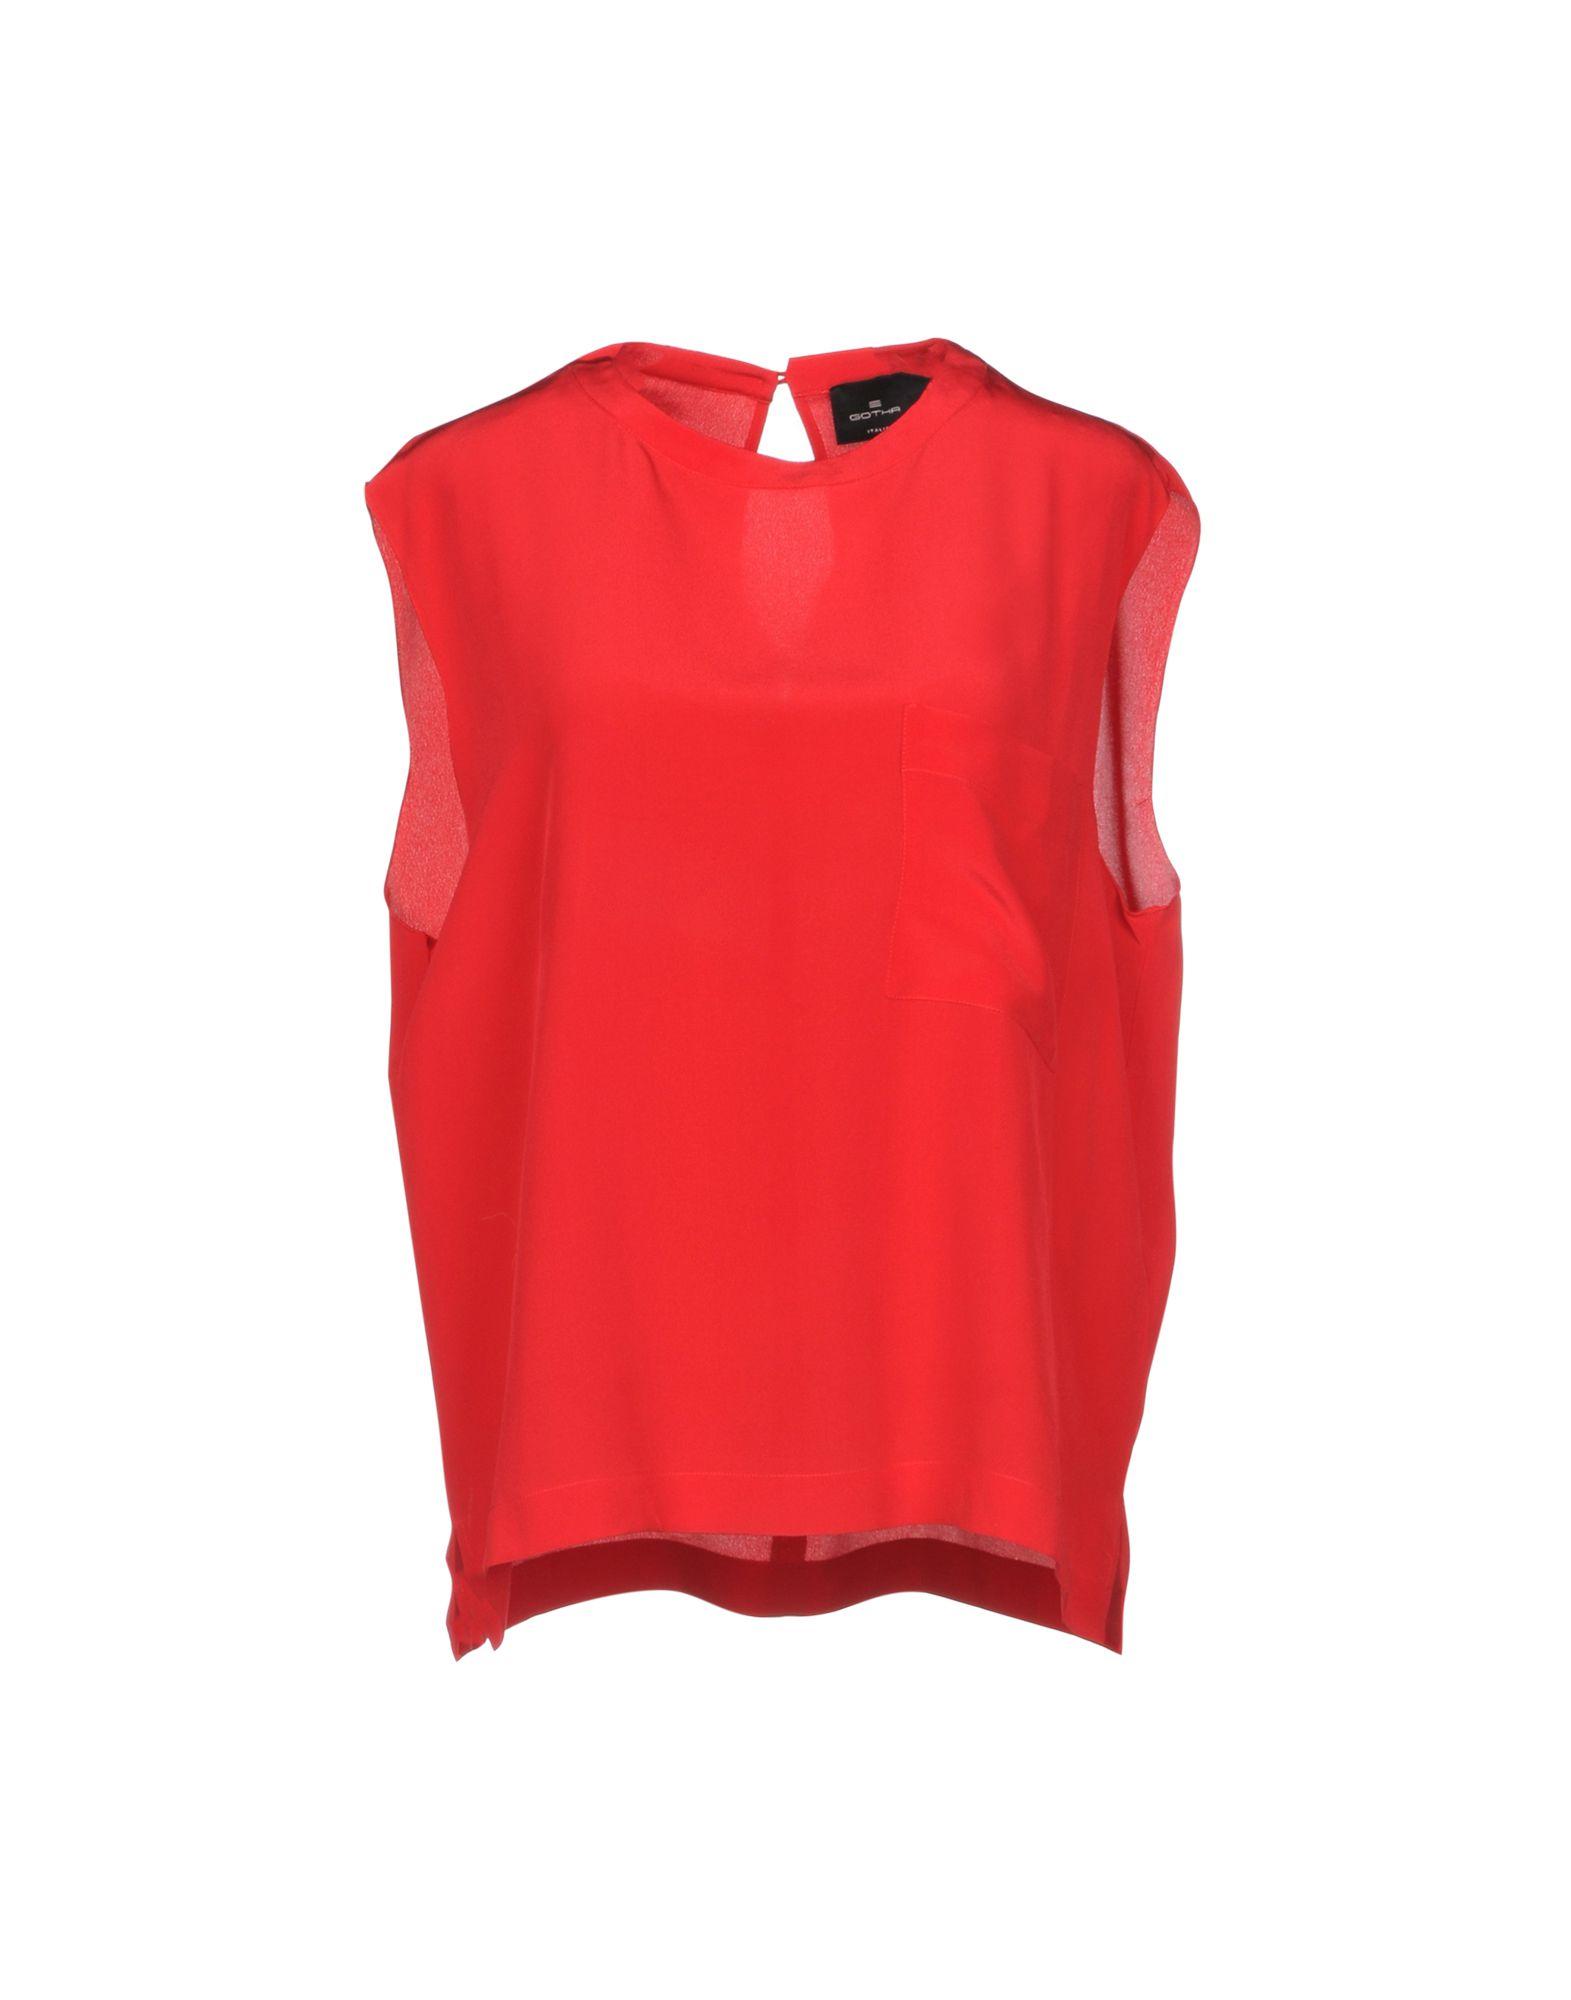 GOTHA Silk Top in Red